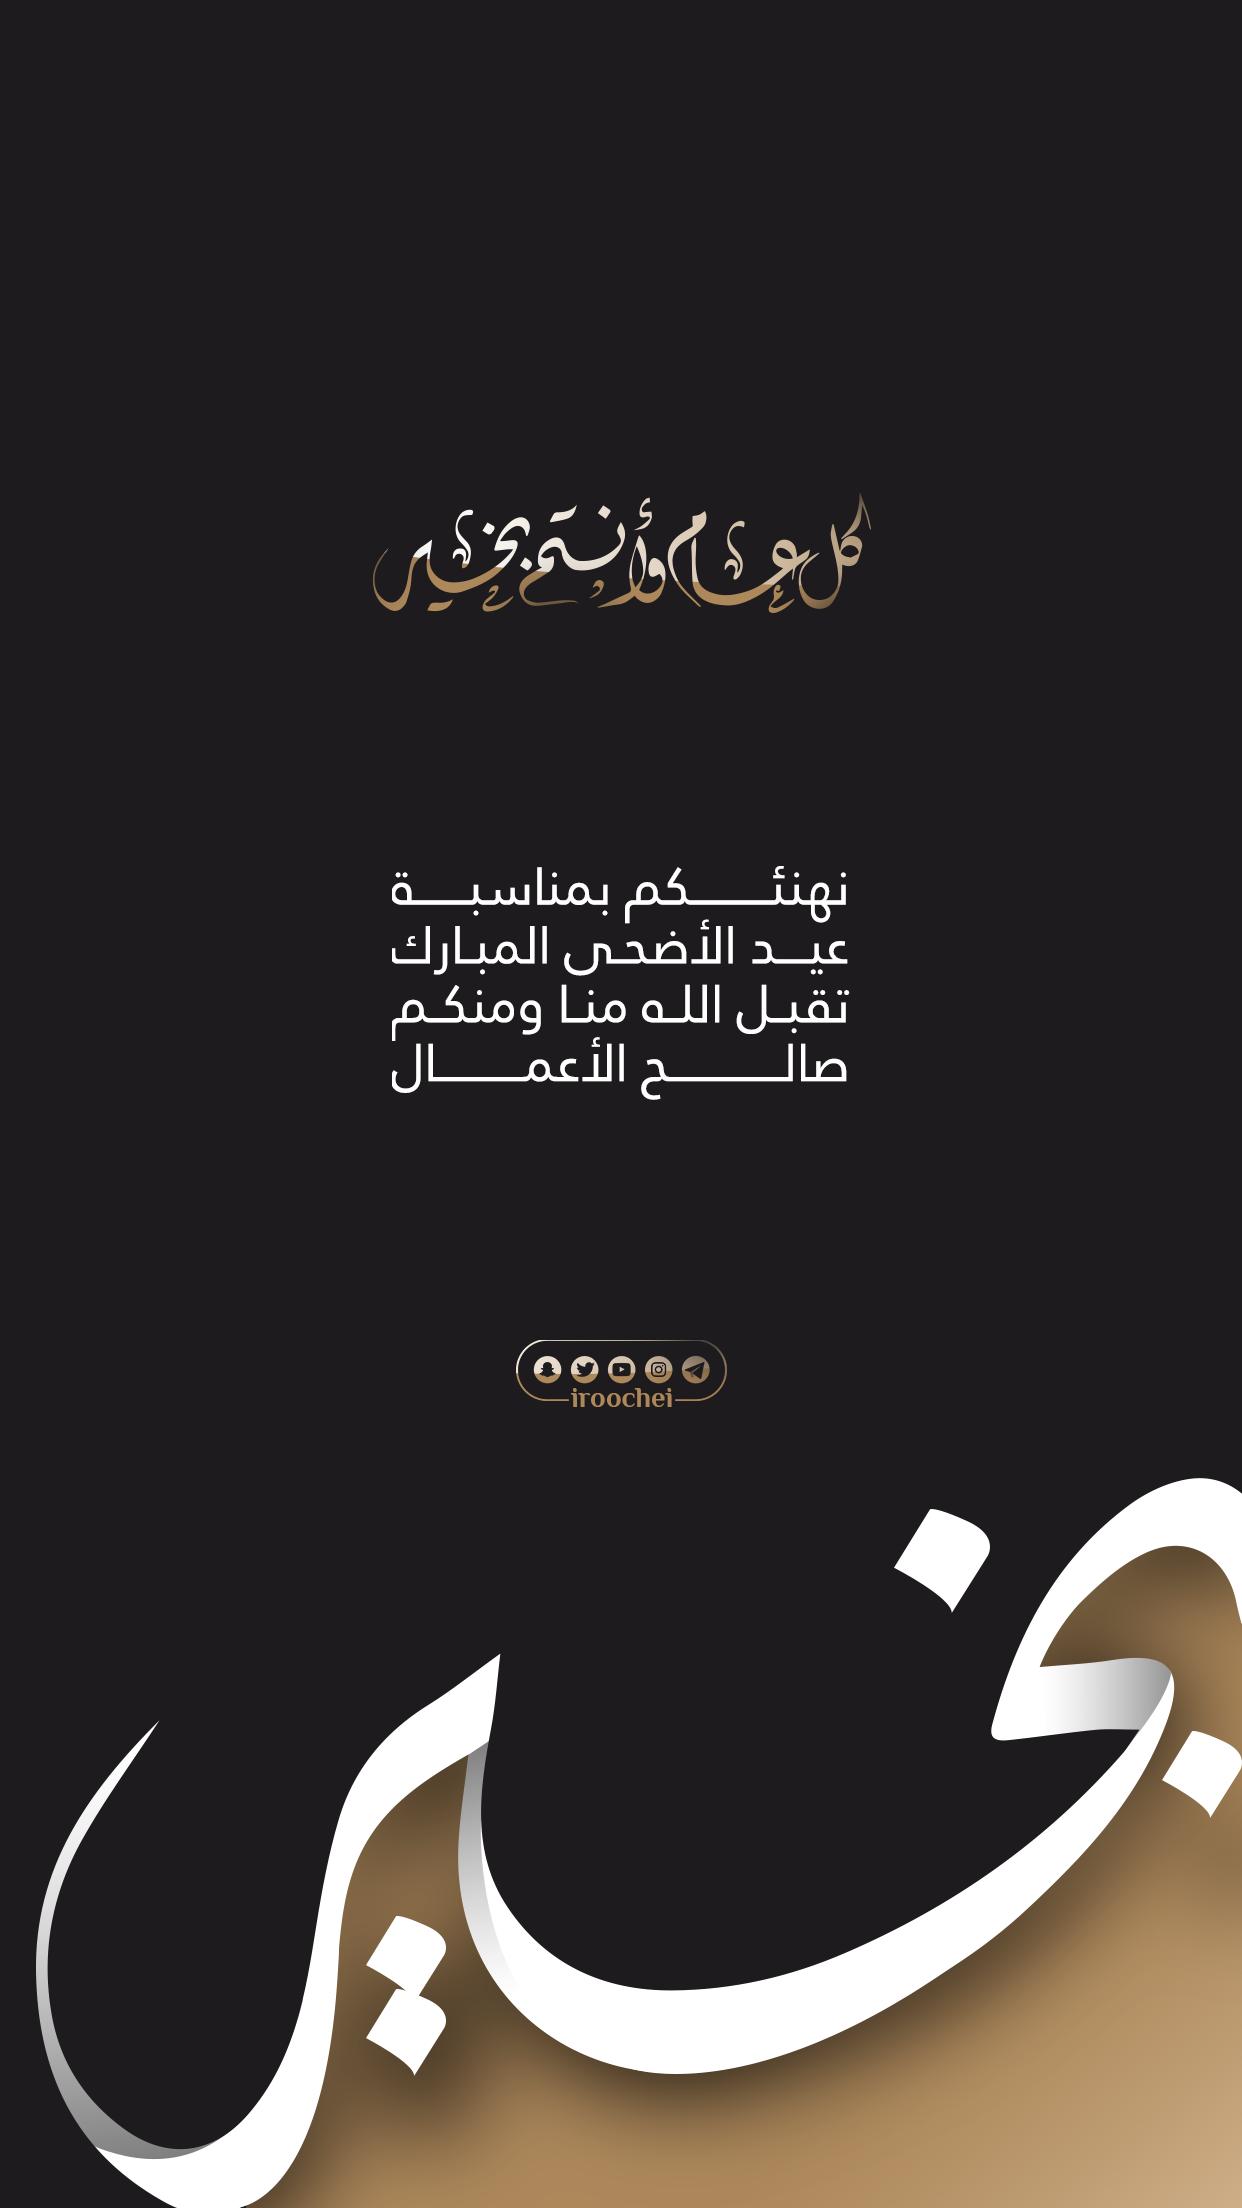 تهنئة عيد الأضحى المبارك Eid Mubarak Greeting Cards Eid Stickers Eid Mubarak Greetings